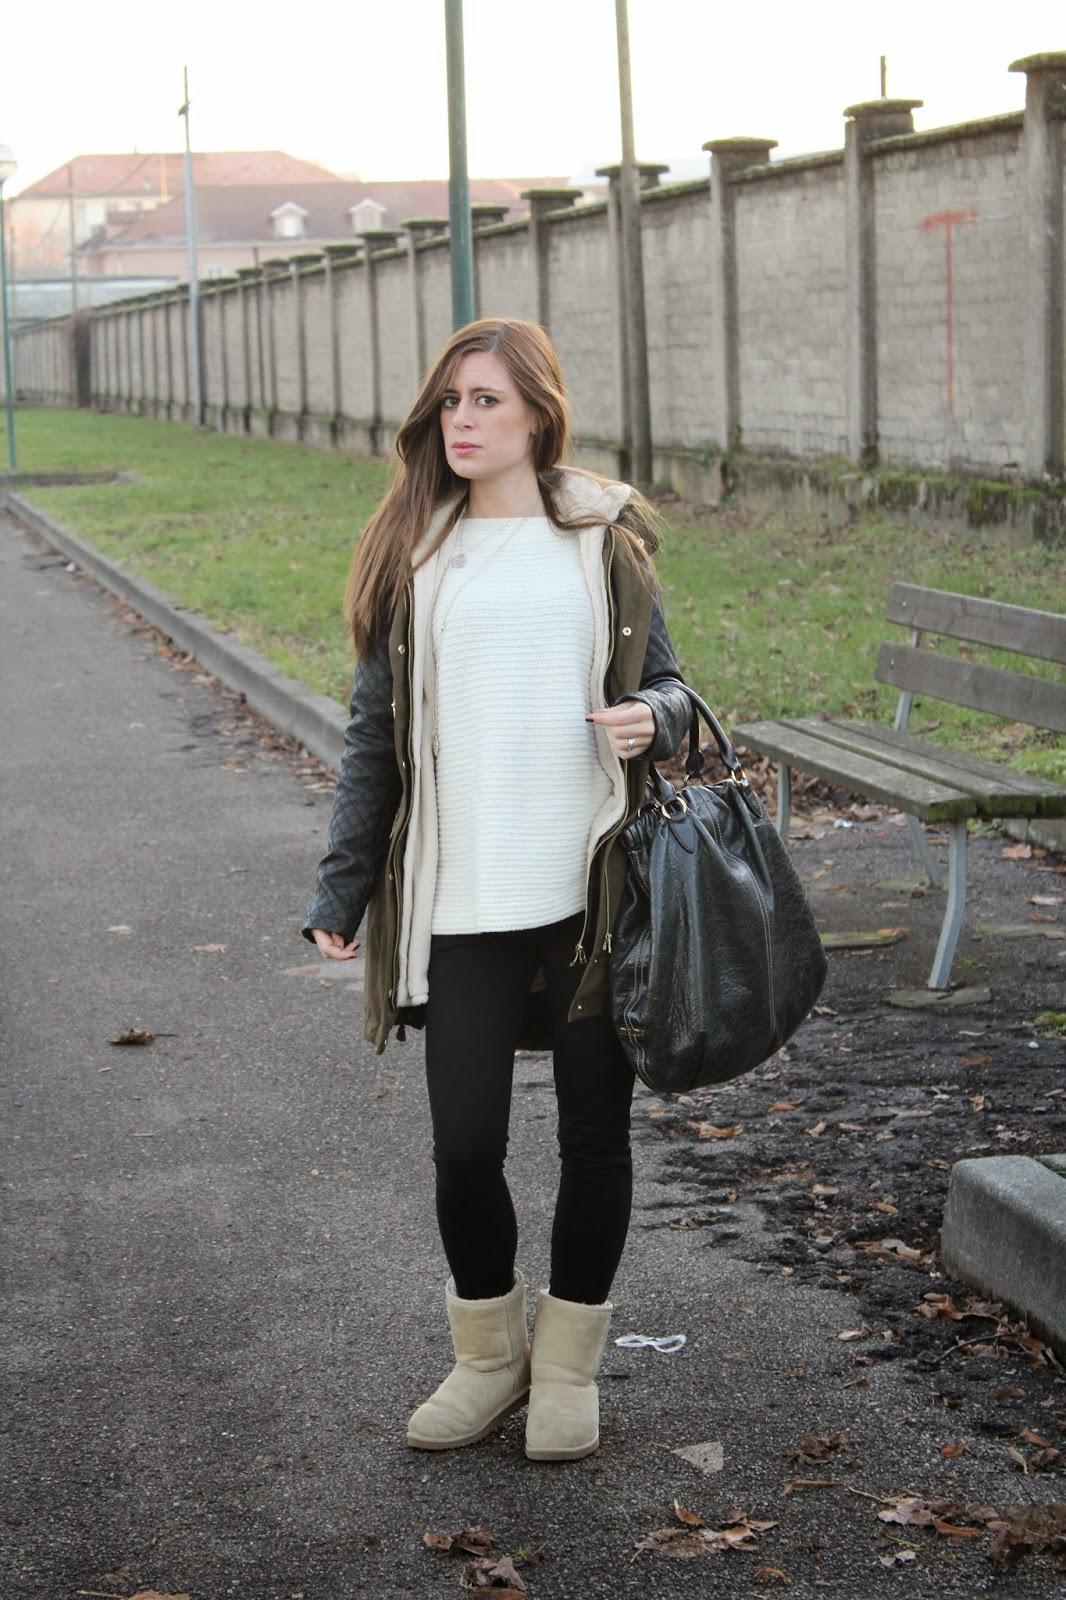 Un outfit semplice e confortevole per un pomeriggio d u0027inverno.  Buongiorno ragazze!! ef57b84ff30